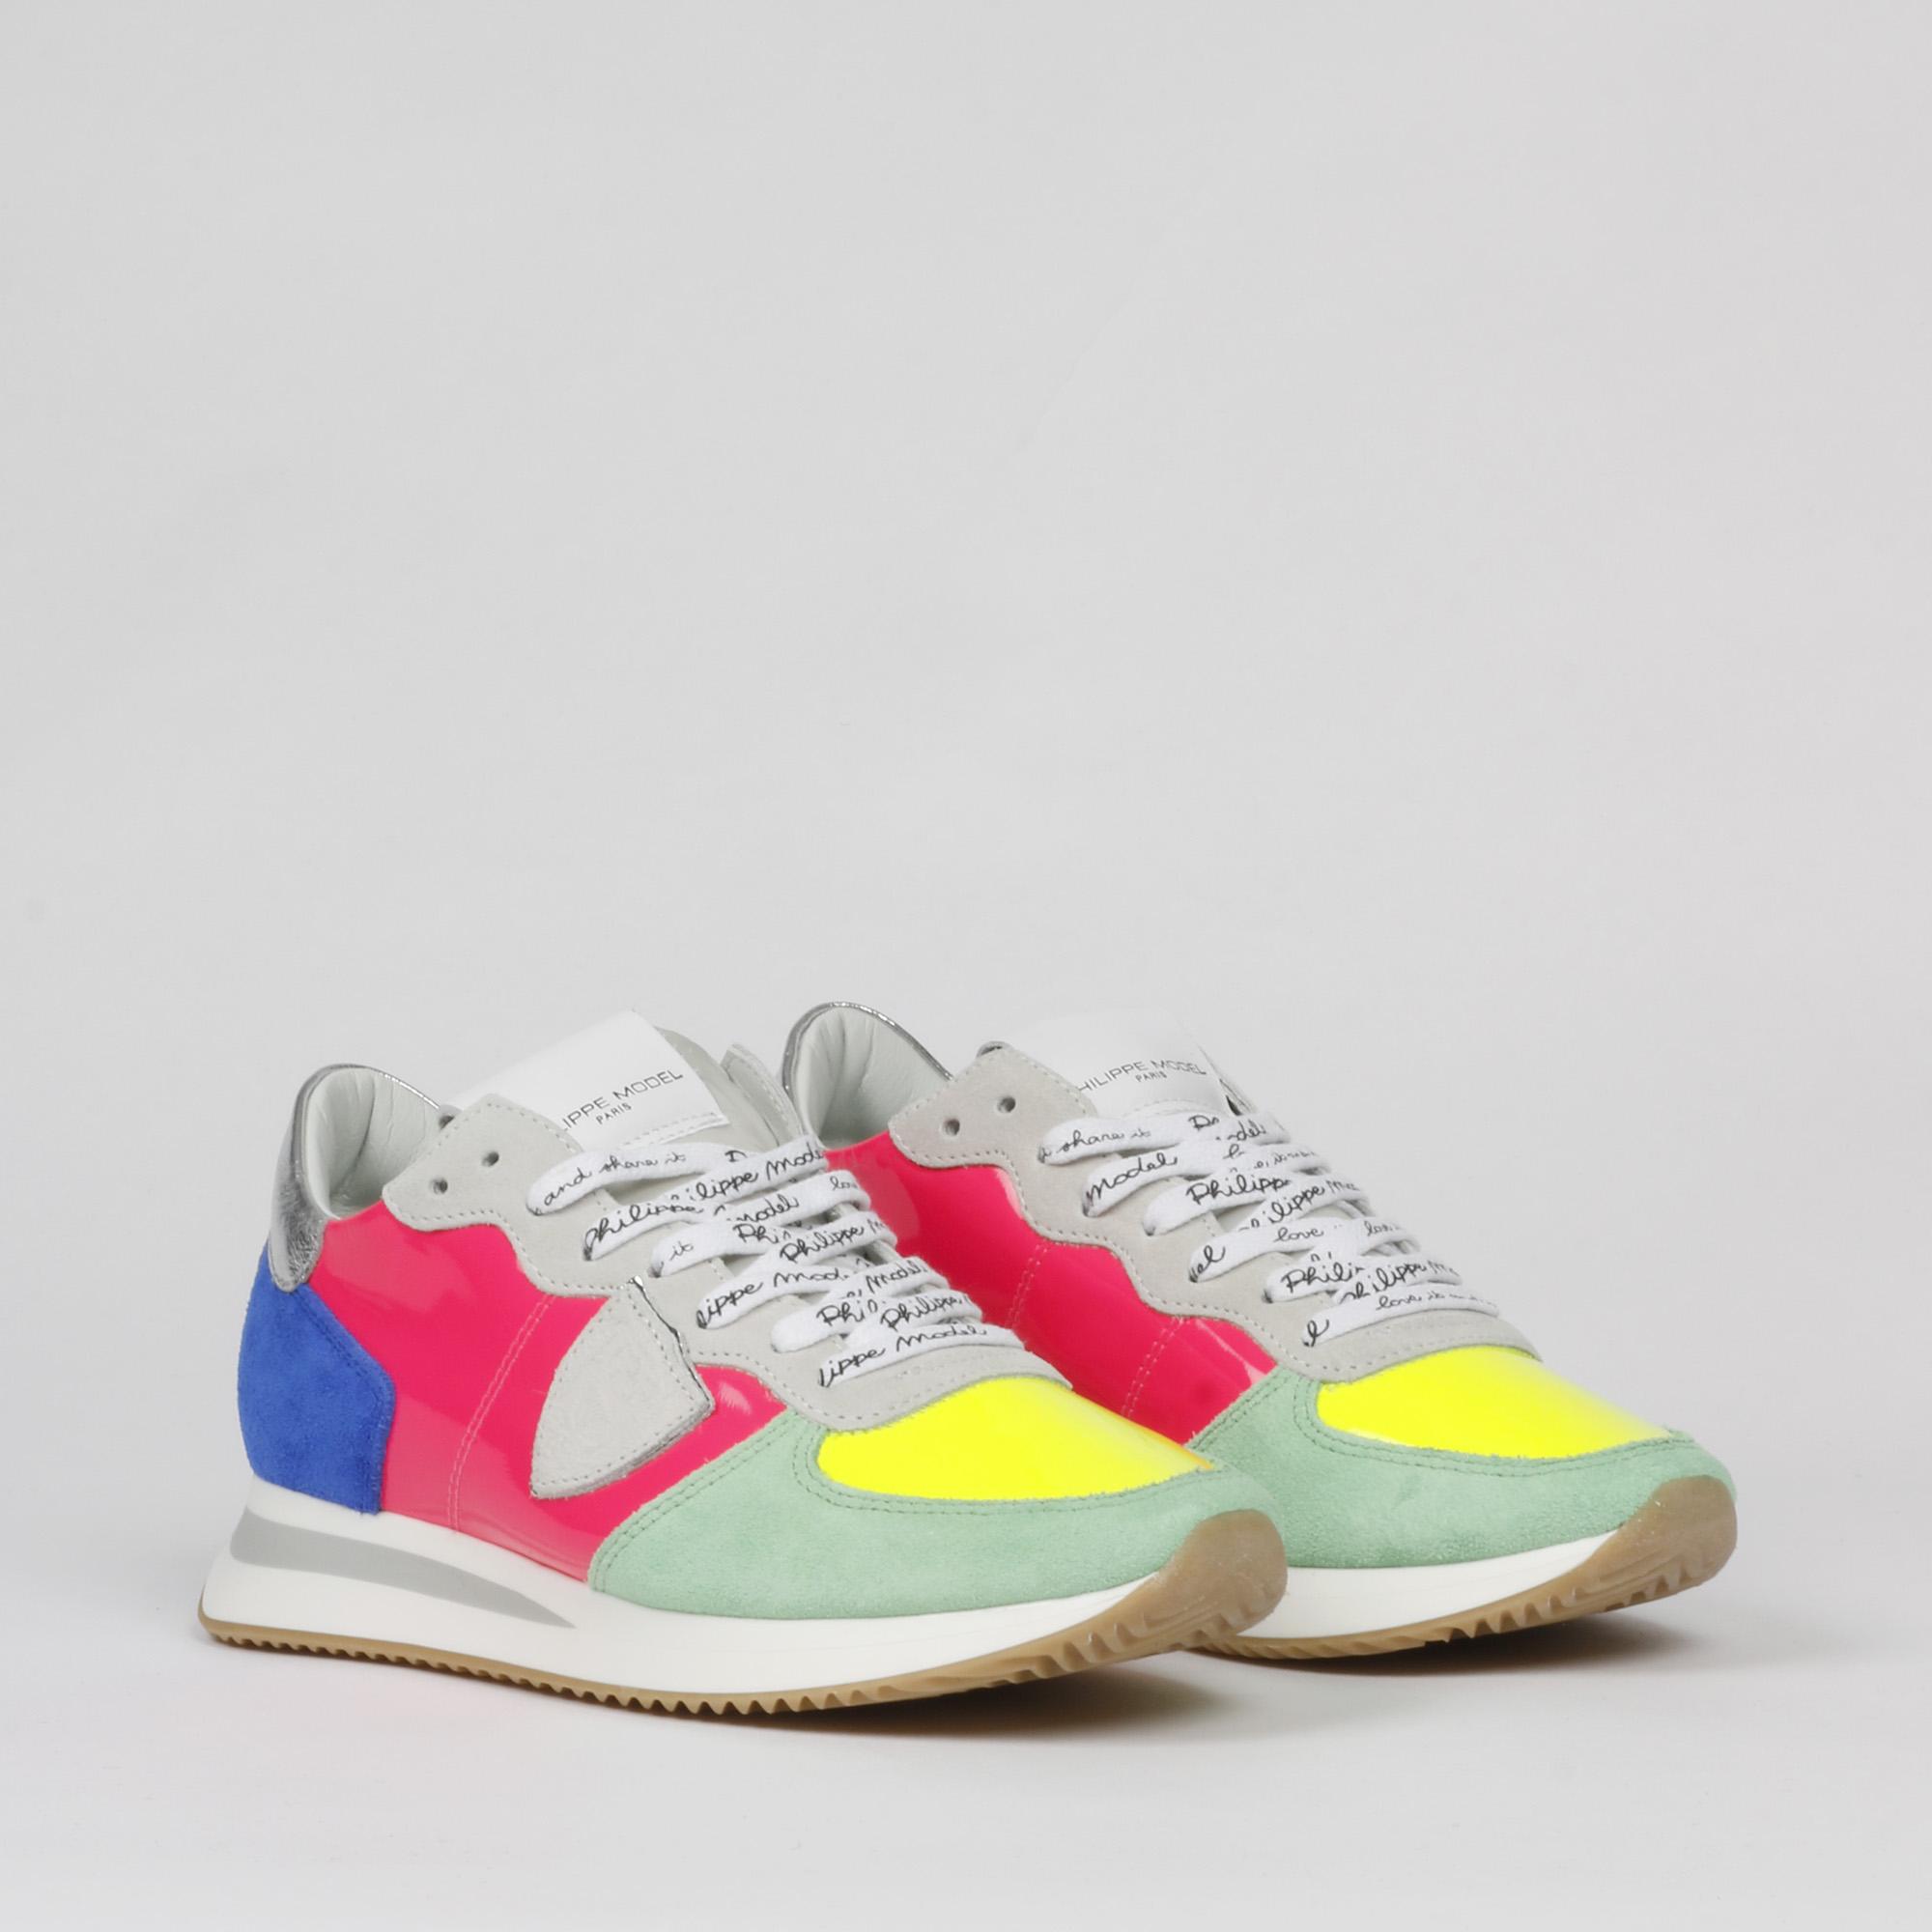 Trpx vernies - Multicolor